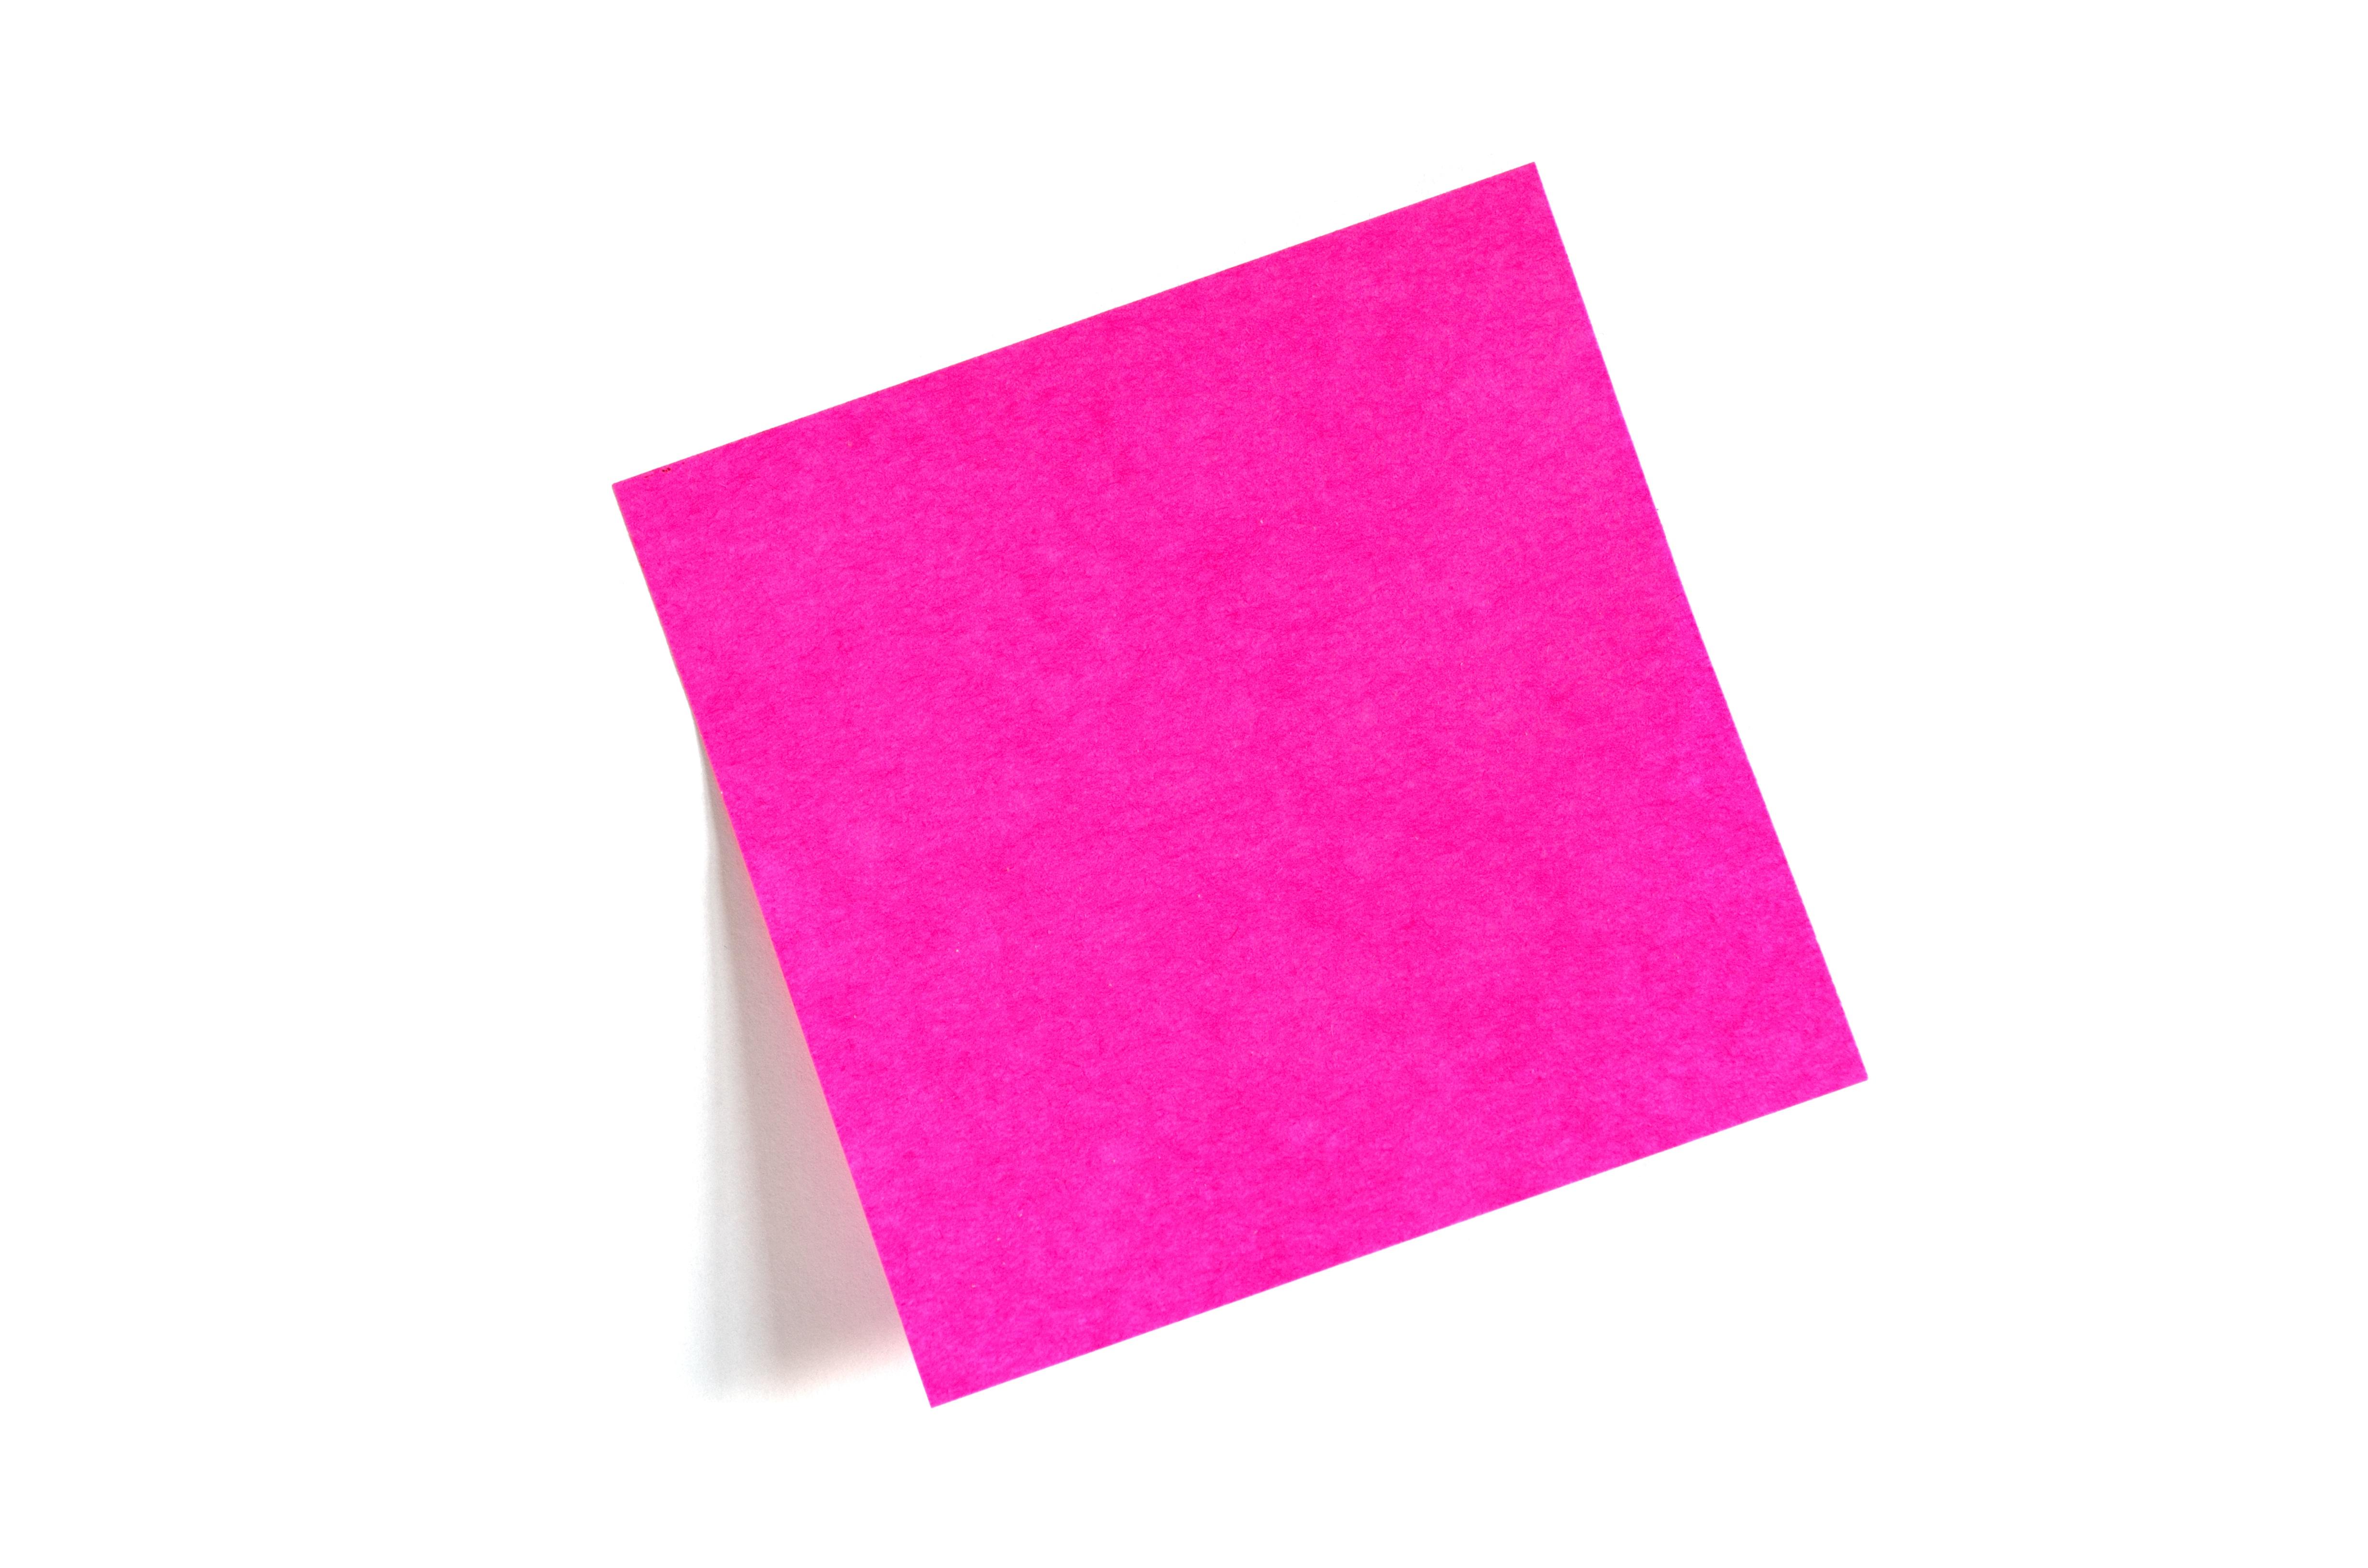 images gratuites mod le la communication rose papier mat riel nappe de table textile. Black Bedroom Furniture Sets. Home Design Ideas